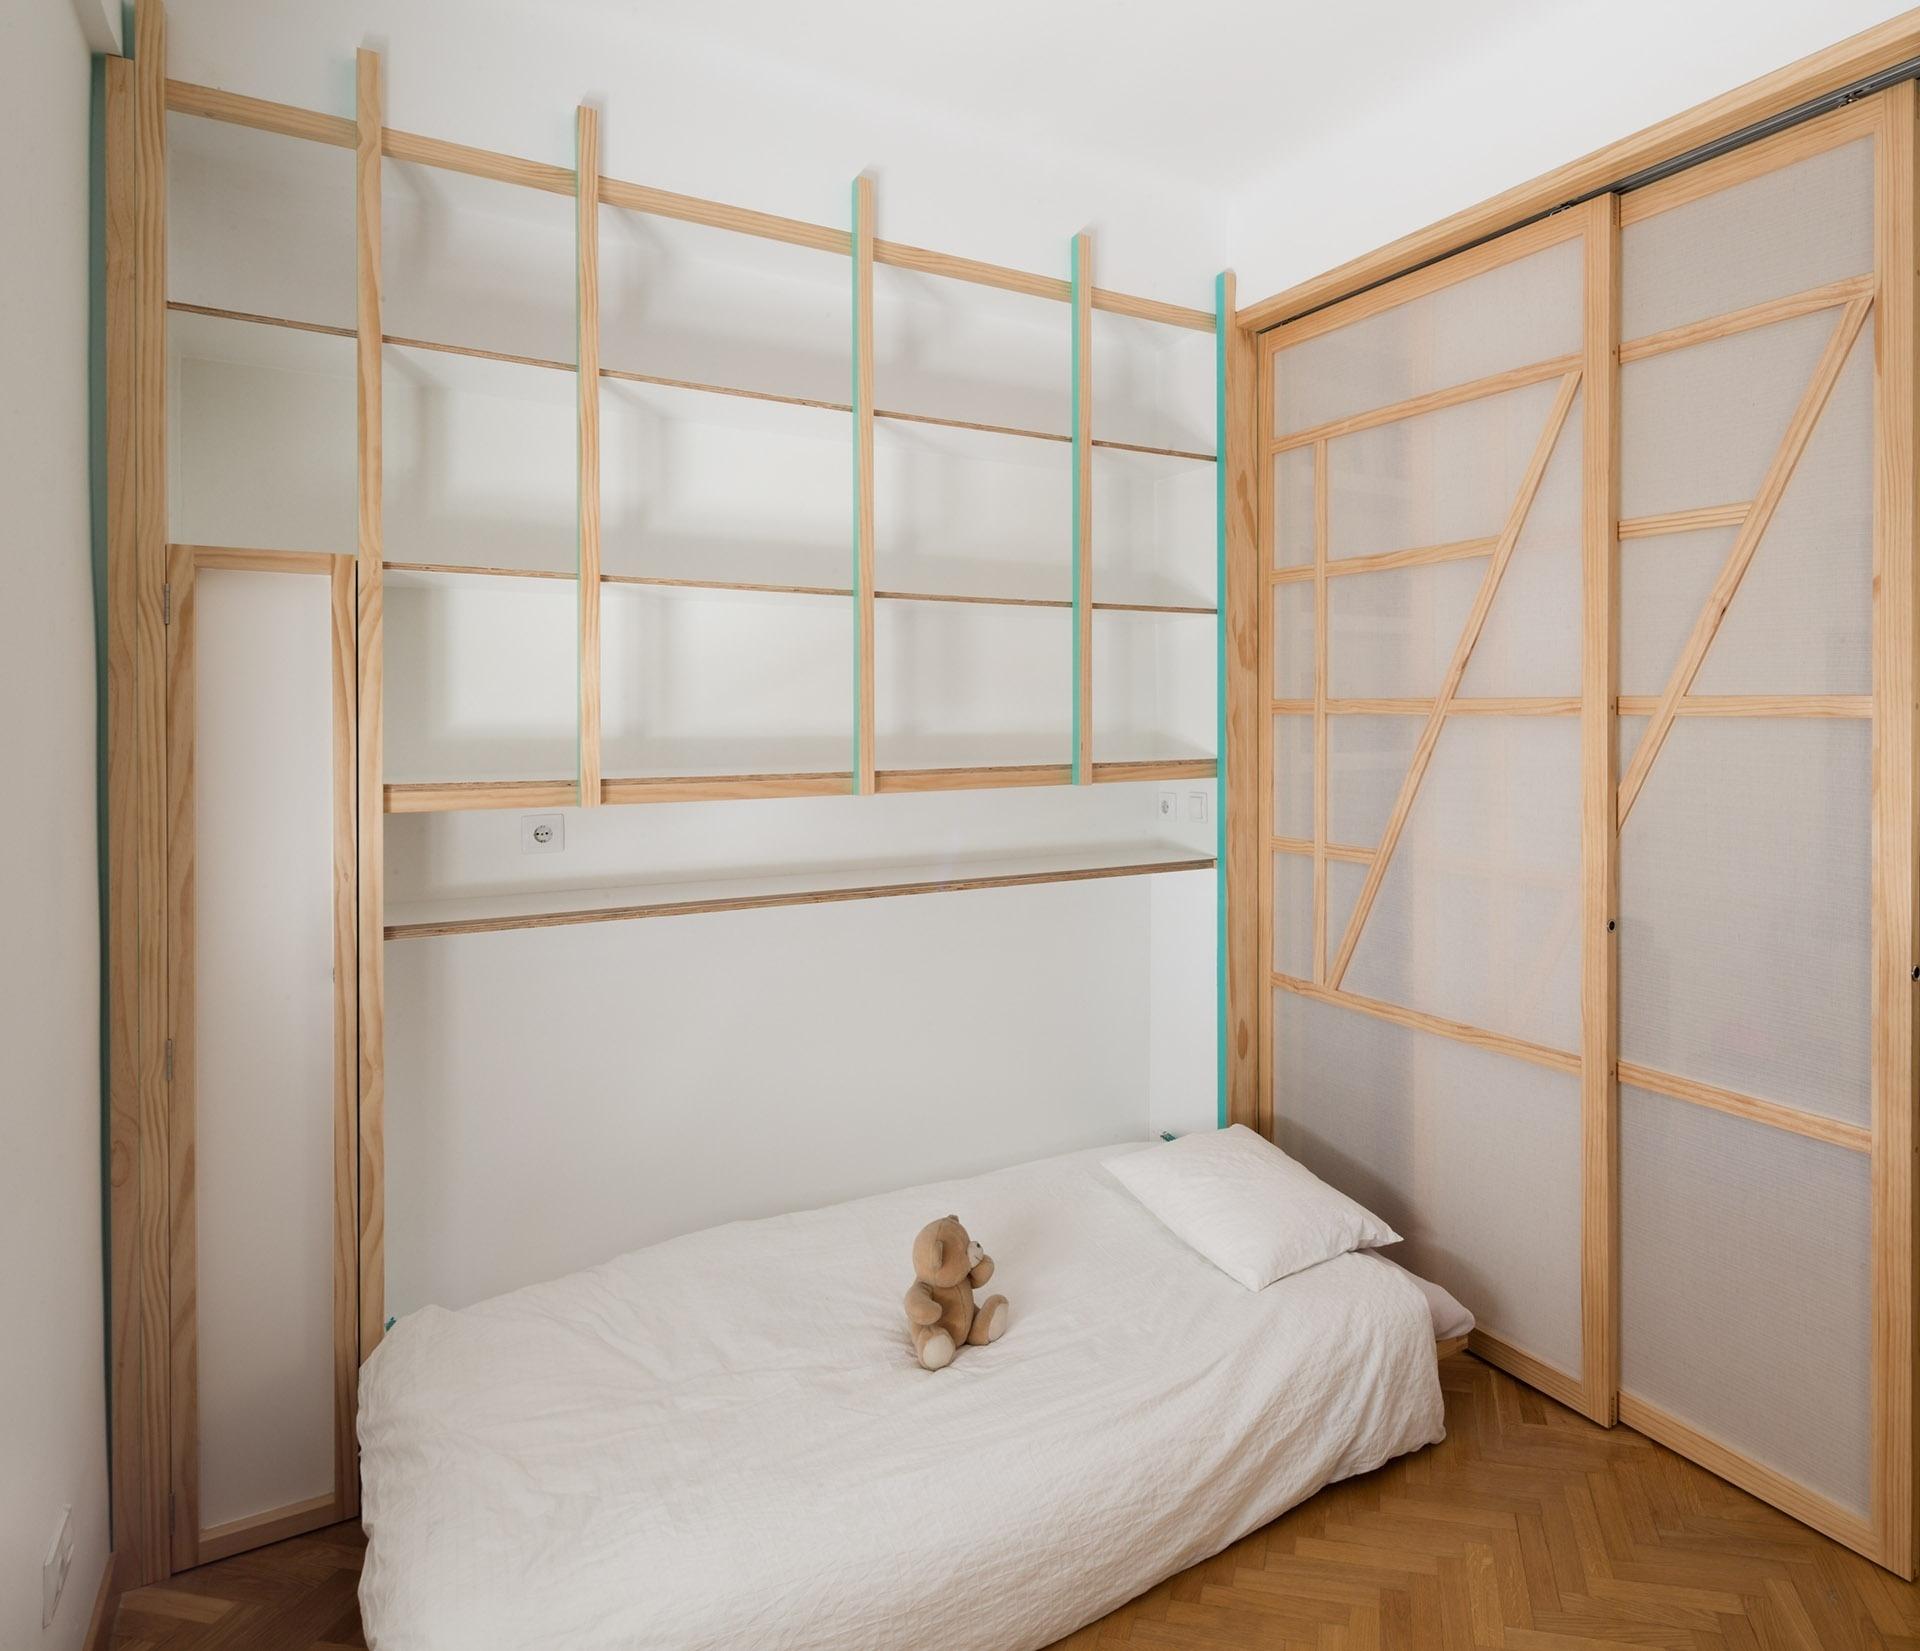 A marcenaria de uma das paredes embute uma cama para hóspedes. O quarto, que parece vazio, conta com móveis embutidos intitulados